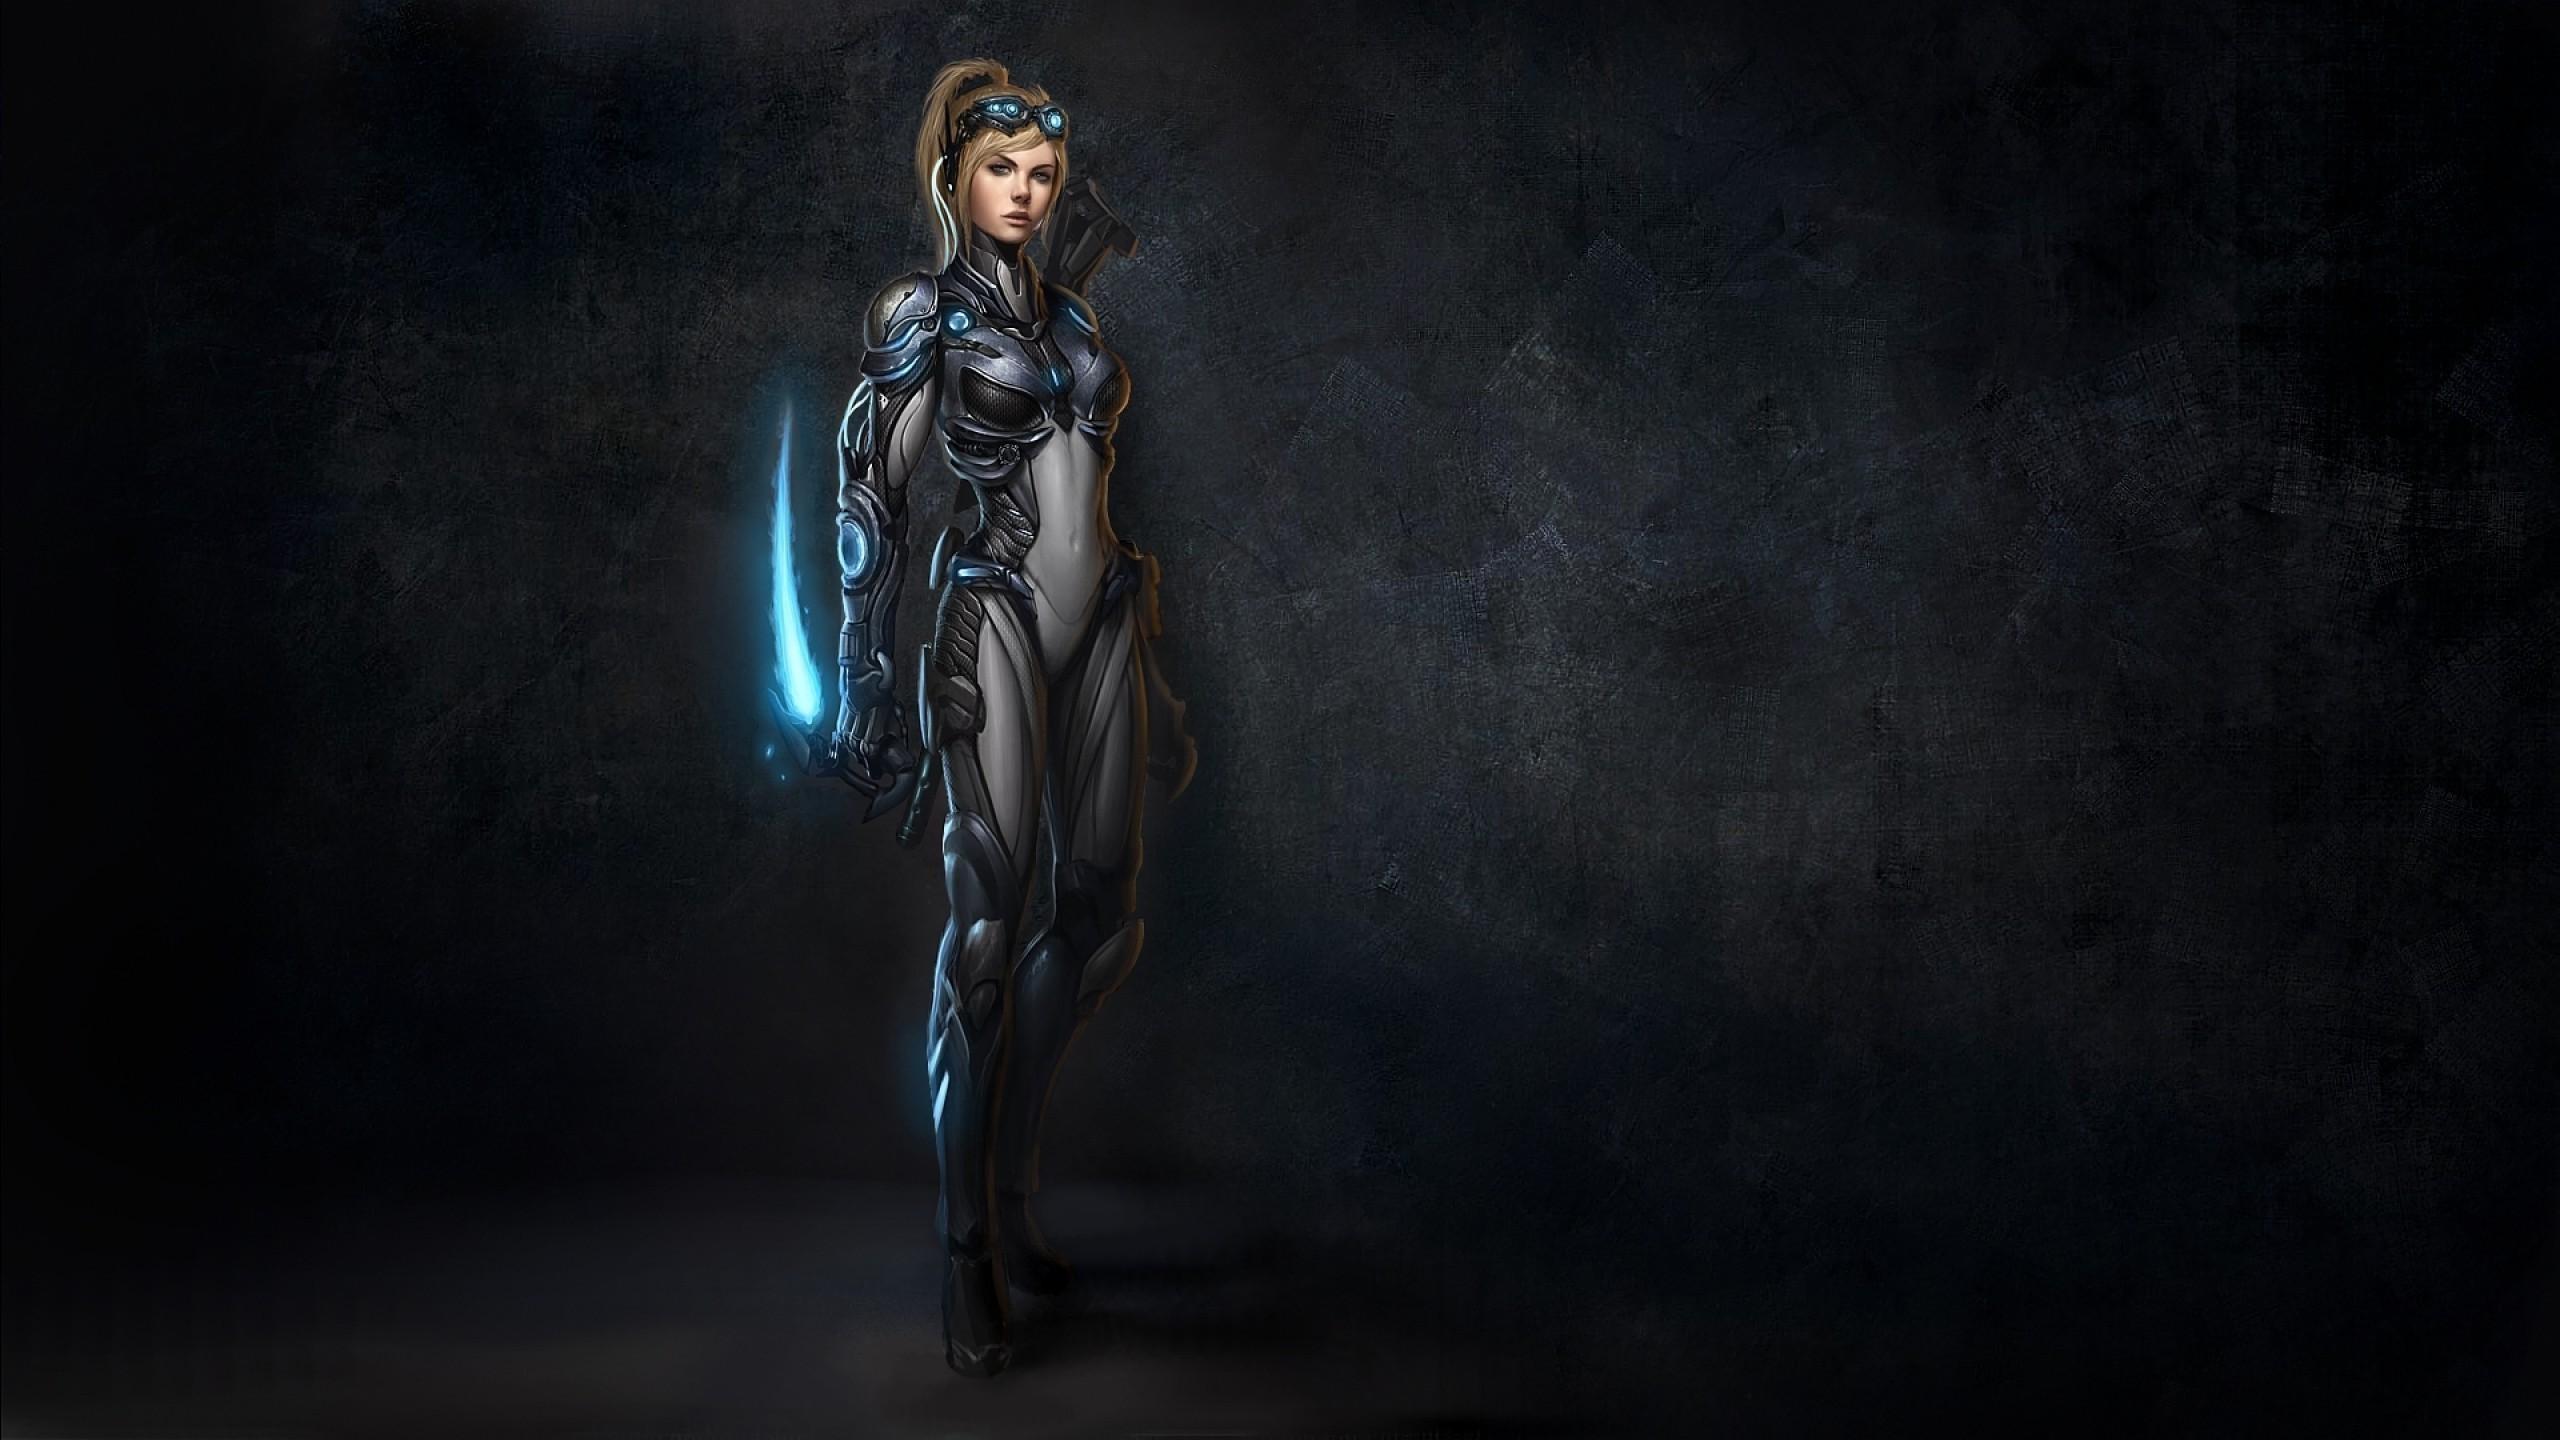 Res: 2560x1440, Nova Tera - StarCraft II wallpaper